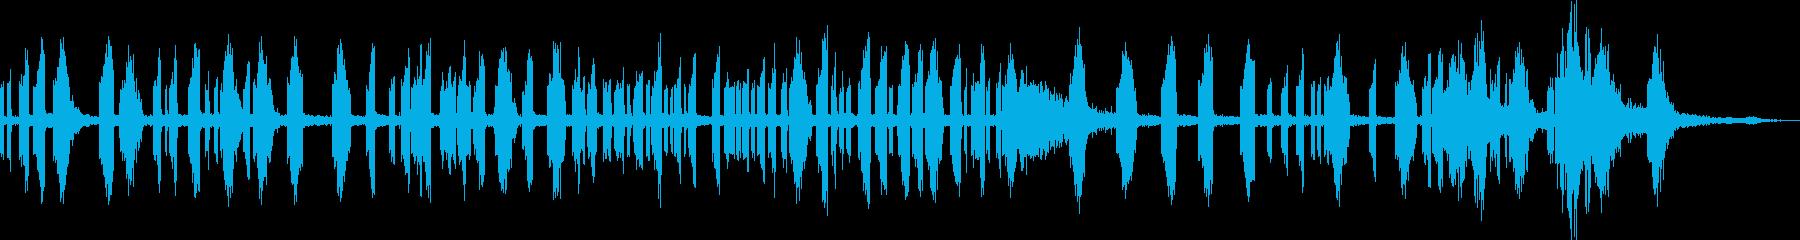 レーザーショットランブルブリップ共...の再生済みの波形